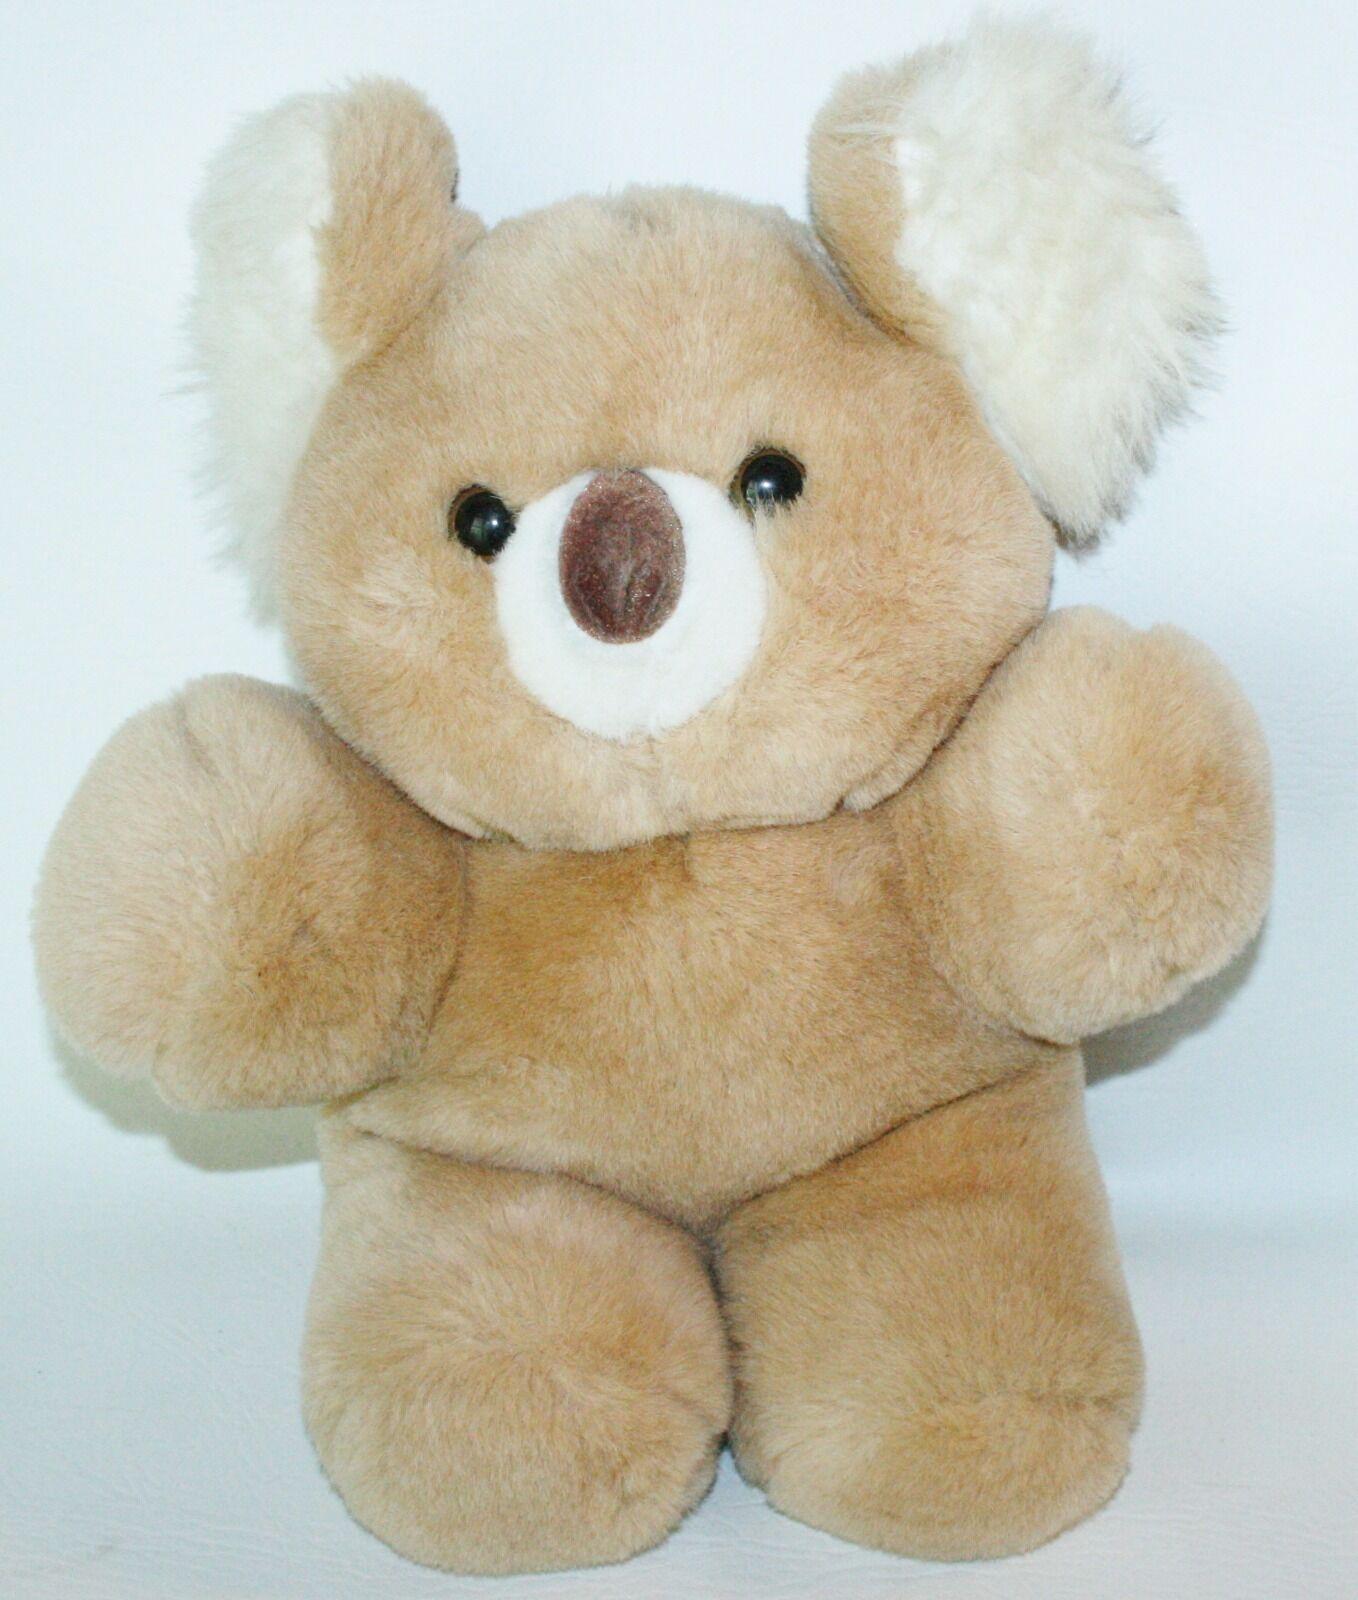 Vintage 1985 Animal Toy Imports Inc Plush Koala Bear Soft 14